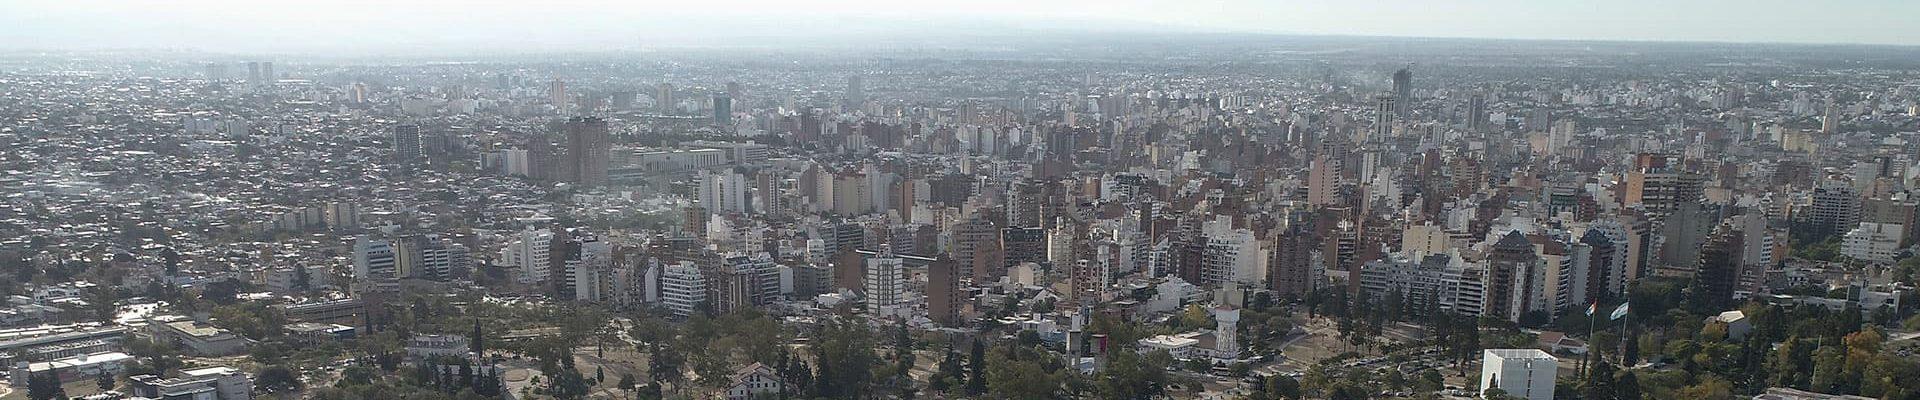 Córdoba: una ciudad sin urbanidad